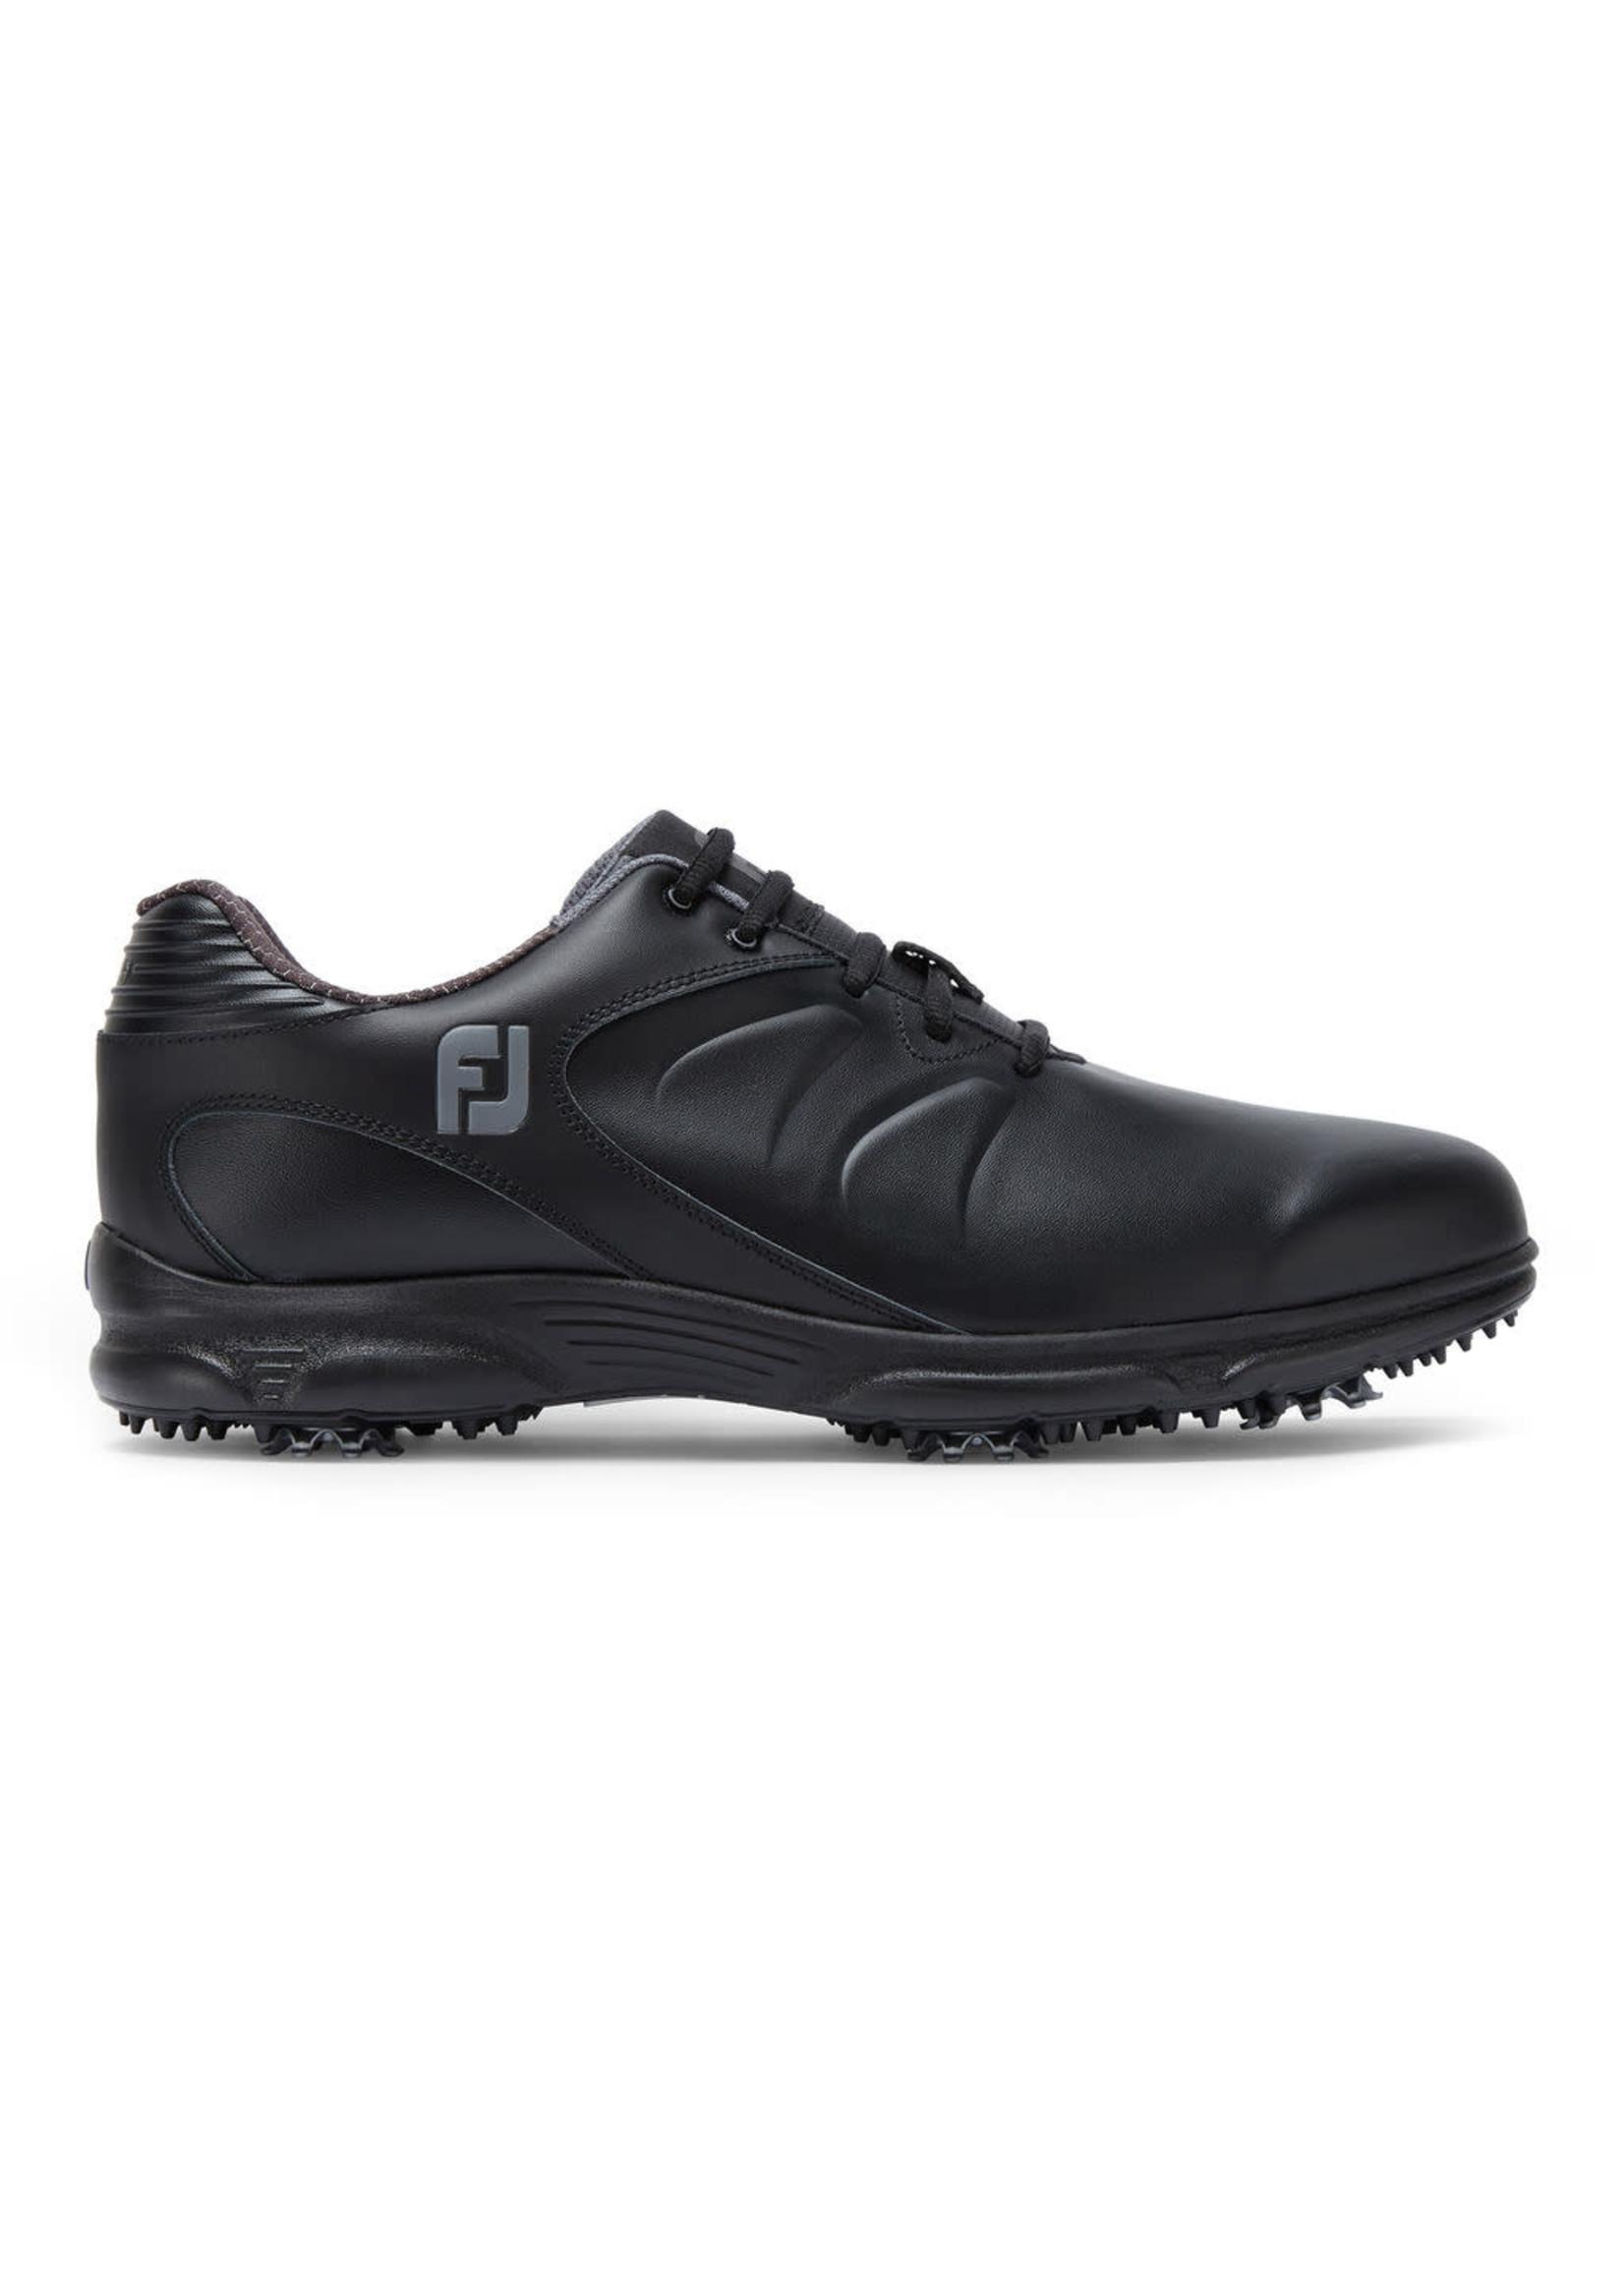 Footjoy Footjoy Arc XT Mens Golf Shoe (2019)